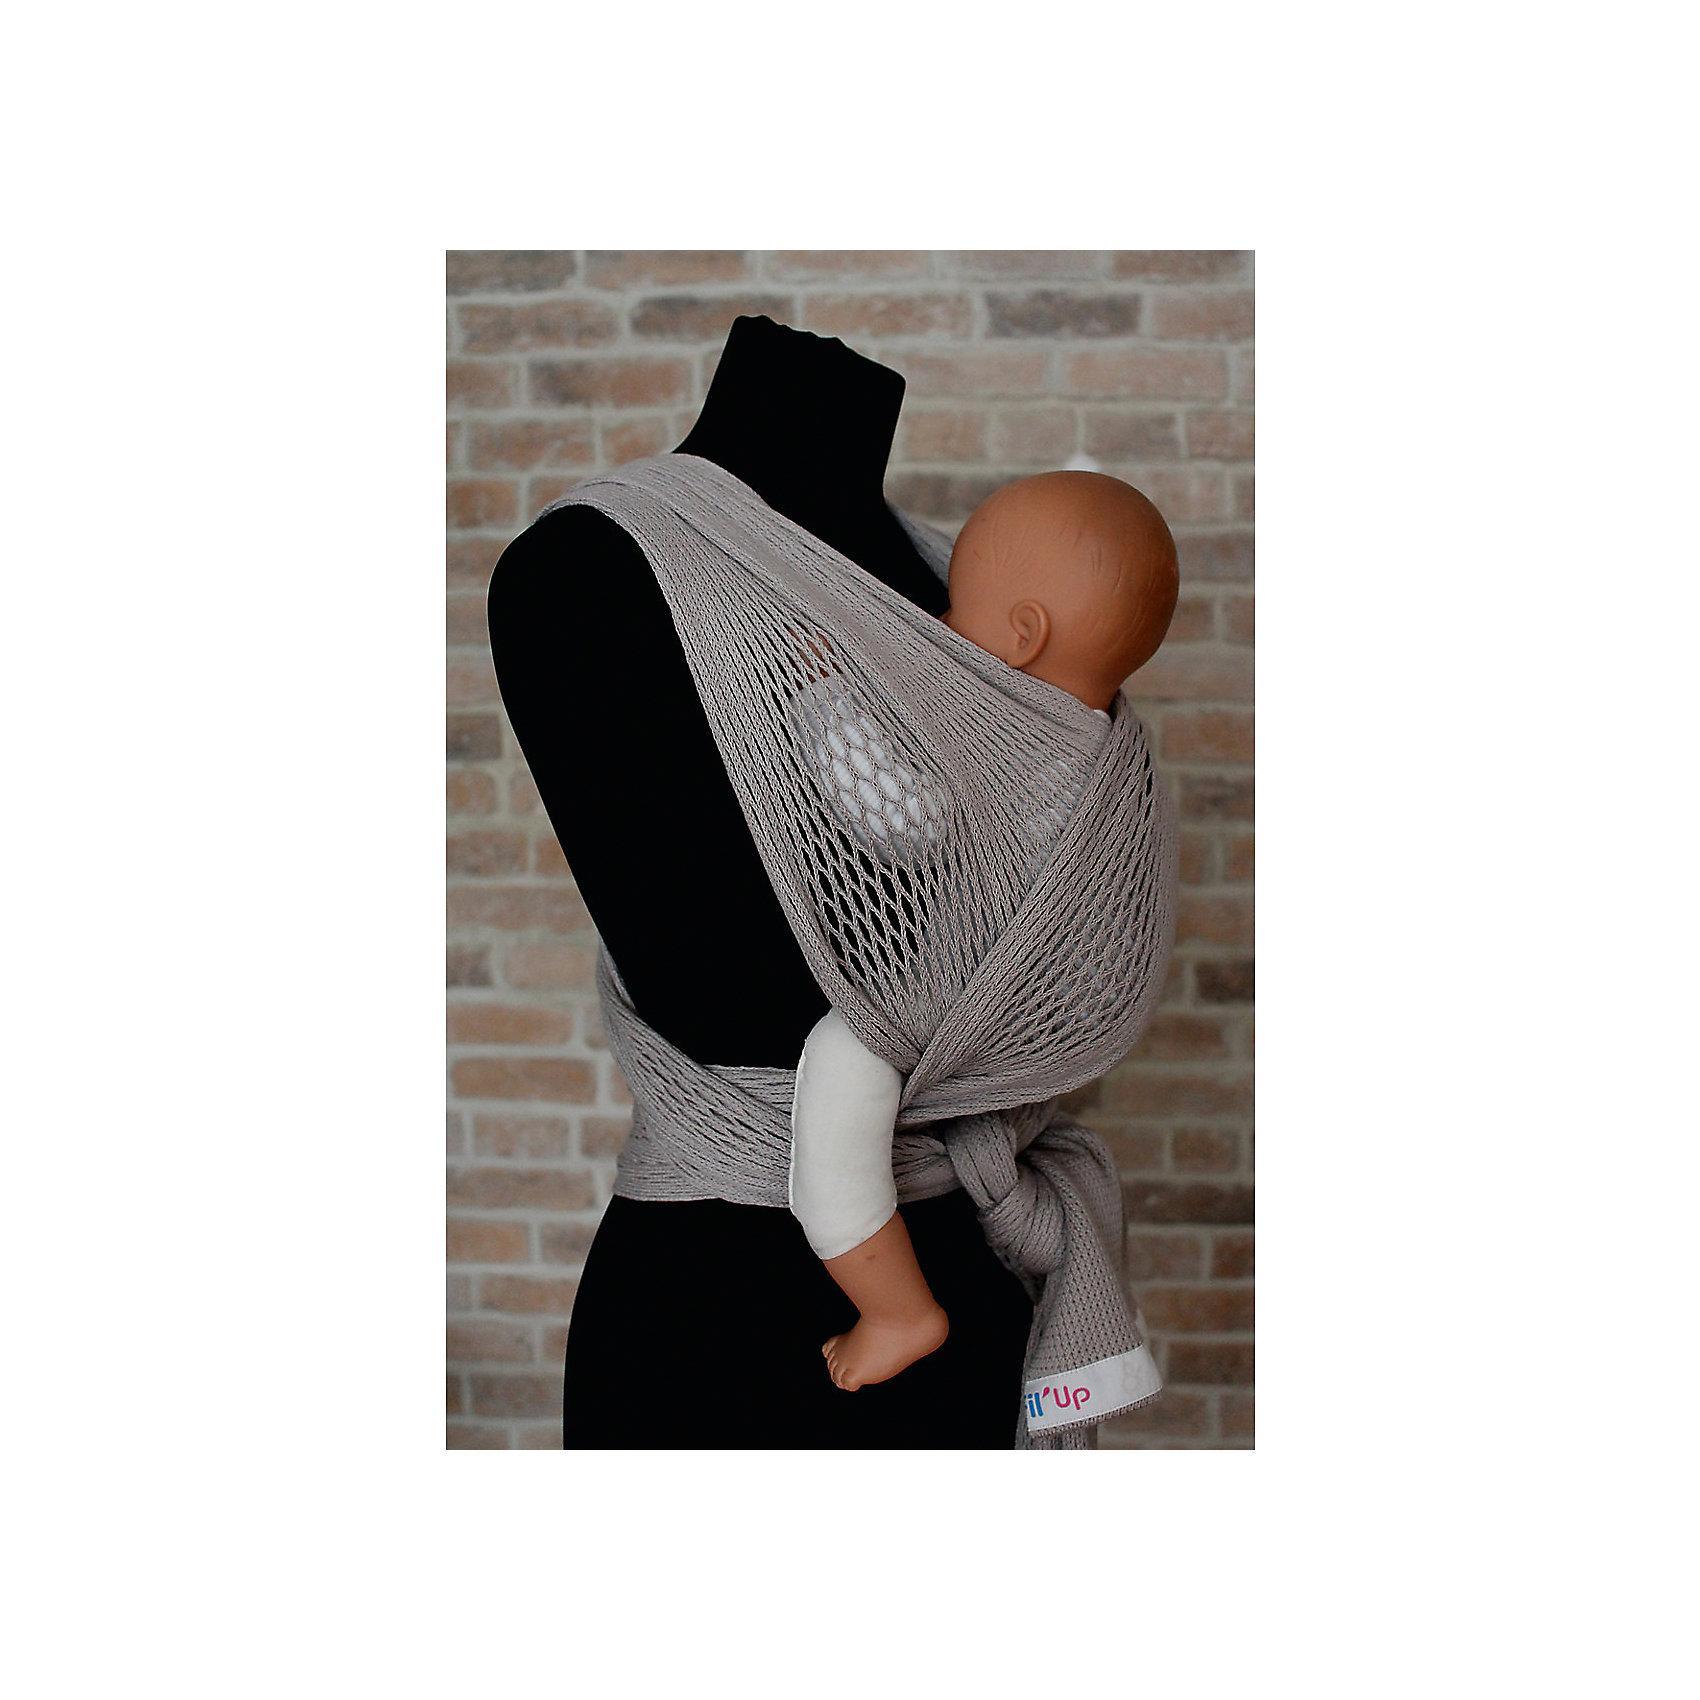 Слинг-шарф из хлопка плетеный размер l-xl, Филап, Filt, серыйСлинги и рюкзаки-переноски<br>Характеристики:<br><br>• разработан совместно с врачами-ортопедами;<br>• обеспечивает оптимальную поддержку ребенка;<br>• легко наматывается;<br>• два способа намотки: «простой крест» и «двойной крест»;<br>• равномерно распределяет нагрузку на спину;<br>• основное положение: лицом к маме;<br>• подходит для автоматической стирки при температуре 30 градусов;<br>• сумочка в комплекте;<br>• цвет: серый<br>• материал: хлопок;<br>• возраст ребенка: 3 месяца-2 года (до 15 кг);<br>• размер слинга: 4,8х0,5 м;<br>• размер упаковки: 24х26х7 см;<br>• вес: 430 грамм;<br>• страна бренда: Франция.<br><br>Слинг-шарф FilUp - прекрасный вариант для любого сезона. Главная особенность модели - сетчатое плетение из натурального хлопка. Такой вид полотна не позволит ребенку перегреться за счет отсутствия дополнительного слоя ткани, свойственного для обычных слингов.<br><br>Возможны три положения ребенка в слинге: лицом к маме, на боку и за спиной. Полотно слинг-шарфа легко растягивается и обладает необходимой упругостью для правильной посадки ребенка.<br><br>Концы слинга сделаны более узкими, чтобы вы могли убрать лишнюю ткань. Средняя, более широкая часть поддерживает ножки ребенка в позе «лягушки», что немаловажно для правильного развития тазобедренных суставов. <br><br>Слинг-шарф подходит для ручной и автоматической стирки при температуре 30 градусов. Длина полотна - 4,8 метра. Ширина полотна - 0,5 метра. Подходит для детей от 3-4-х месяцев до 1,5-2-х лет (весом до 15 килограммов). В комплект входит сумочка-авоська, которая подойдет для бутылочек, салфеток и прочих необходимых предметов.<br><br>Слинг-шарф из хлопка плетеный размер l-xl, Филап, Filt (Филт), серый можно купить в нашем интернет-магазине.<br><br>Ширина мм: 800<br>Глубина мм: 800<br>Высота мм: 50<br>Вес г: 500<br>Возраст от месяцев: 0<br>Возраст до месяцев: 12<br>Пол: Унисекс<br>Возраст: Детский<br>SKU: 5445103